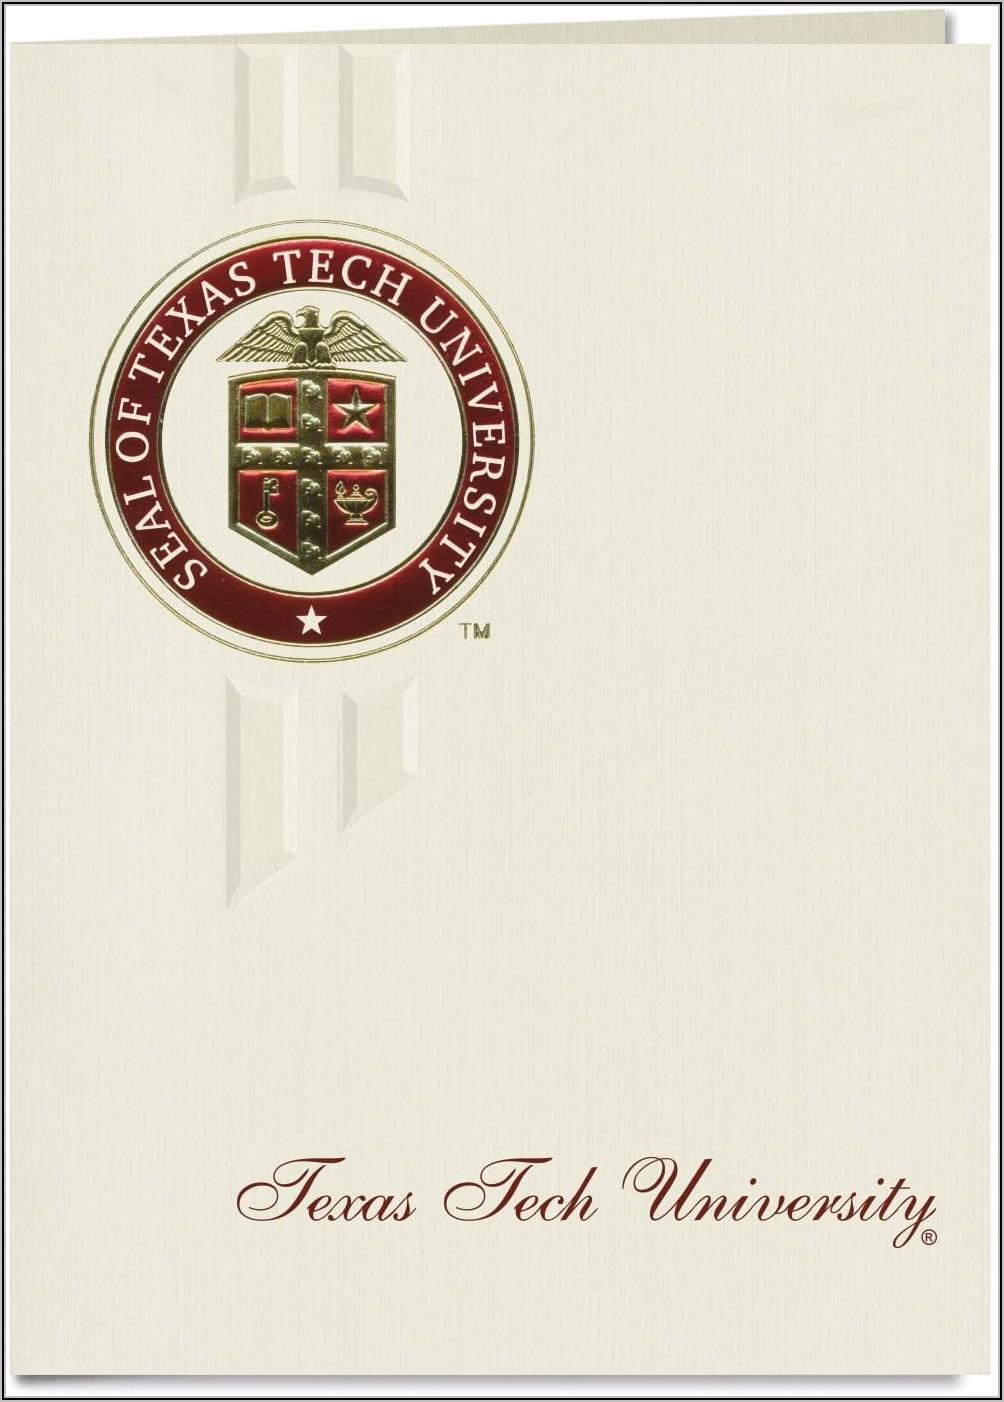 Texas Tech University Graduation Announcements